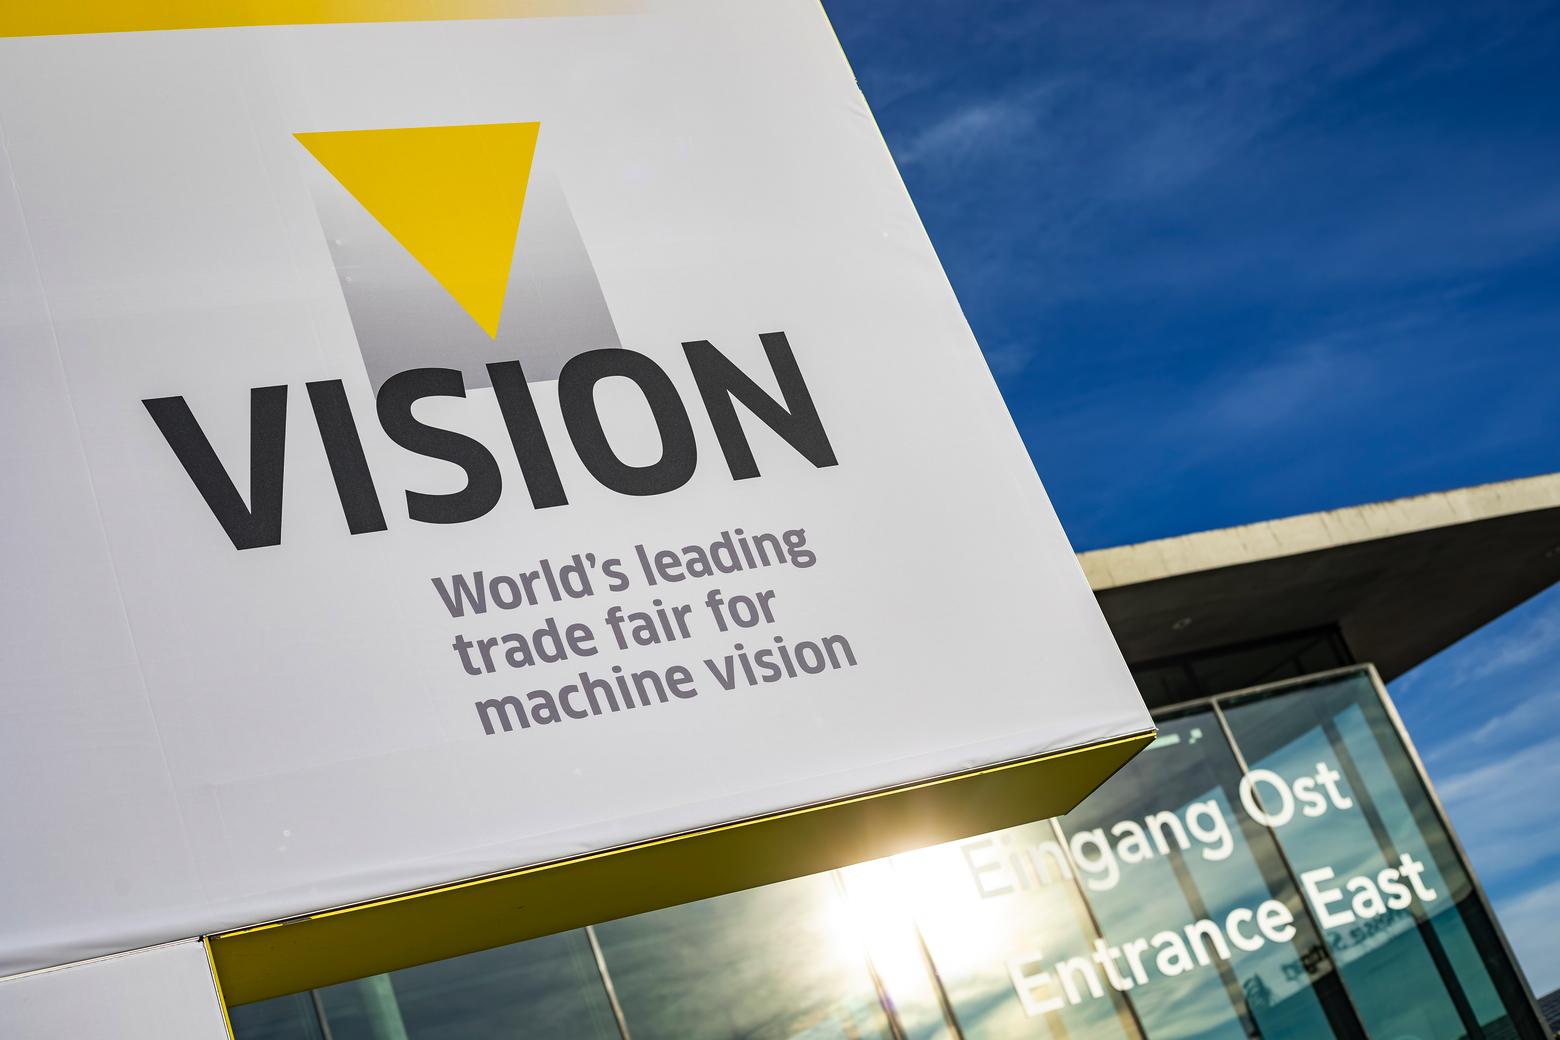 Die Bildverarbeitungsbranche trifft sich auf der Vision 2021